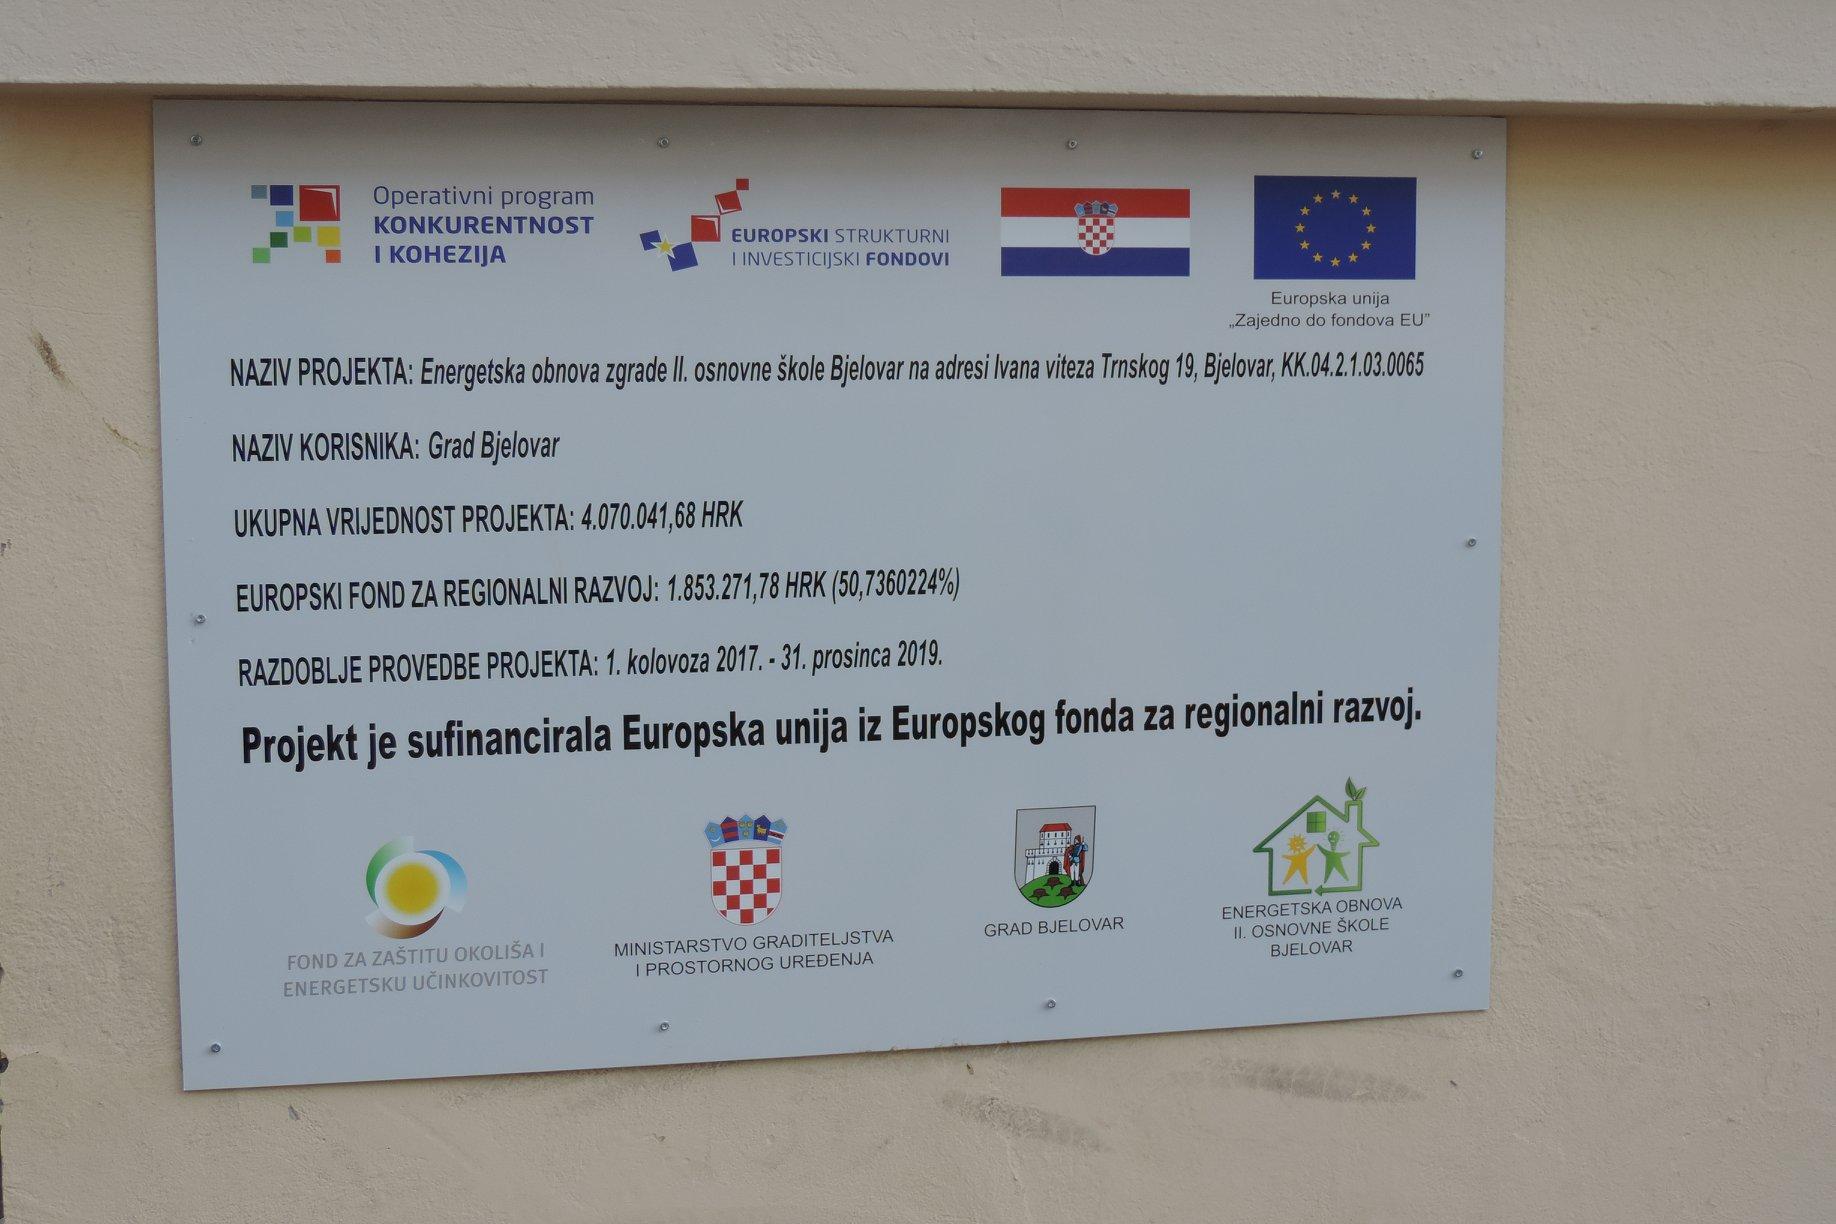 Energetska obnova II. osnovne škole Bjelovar